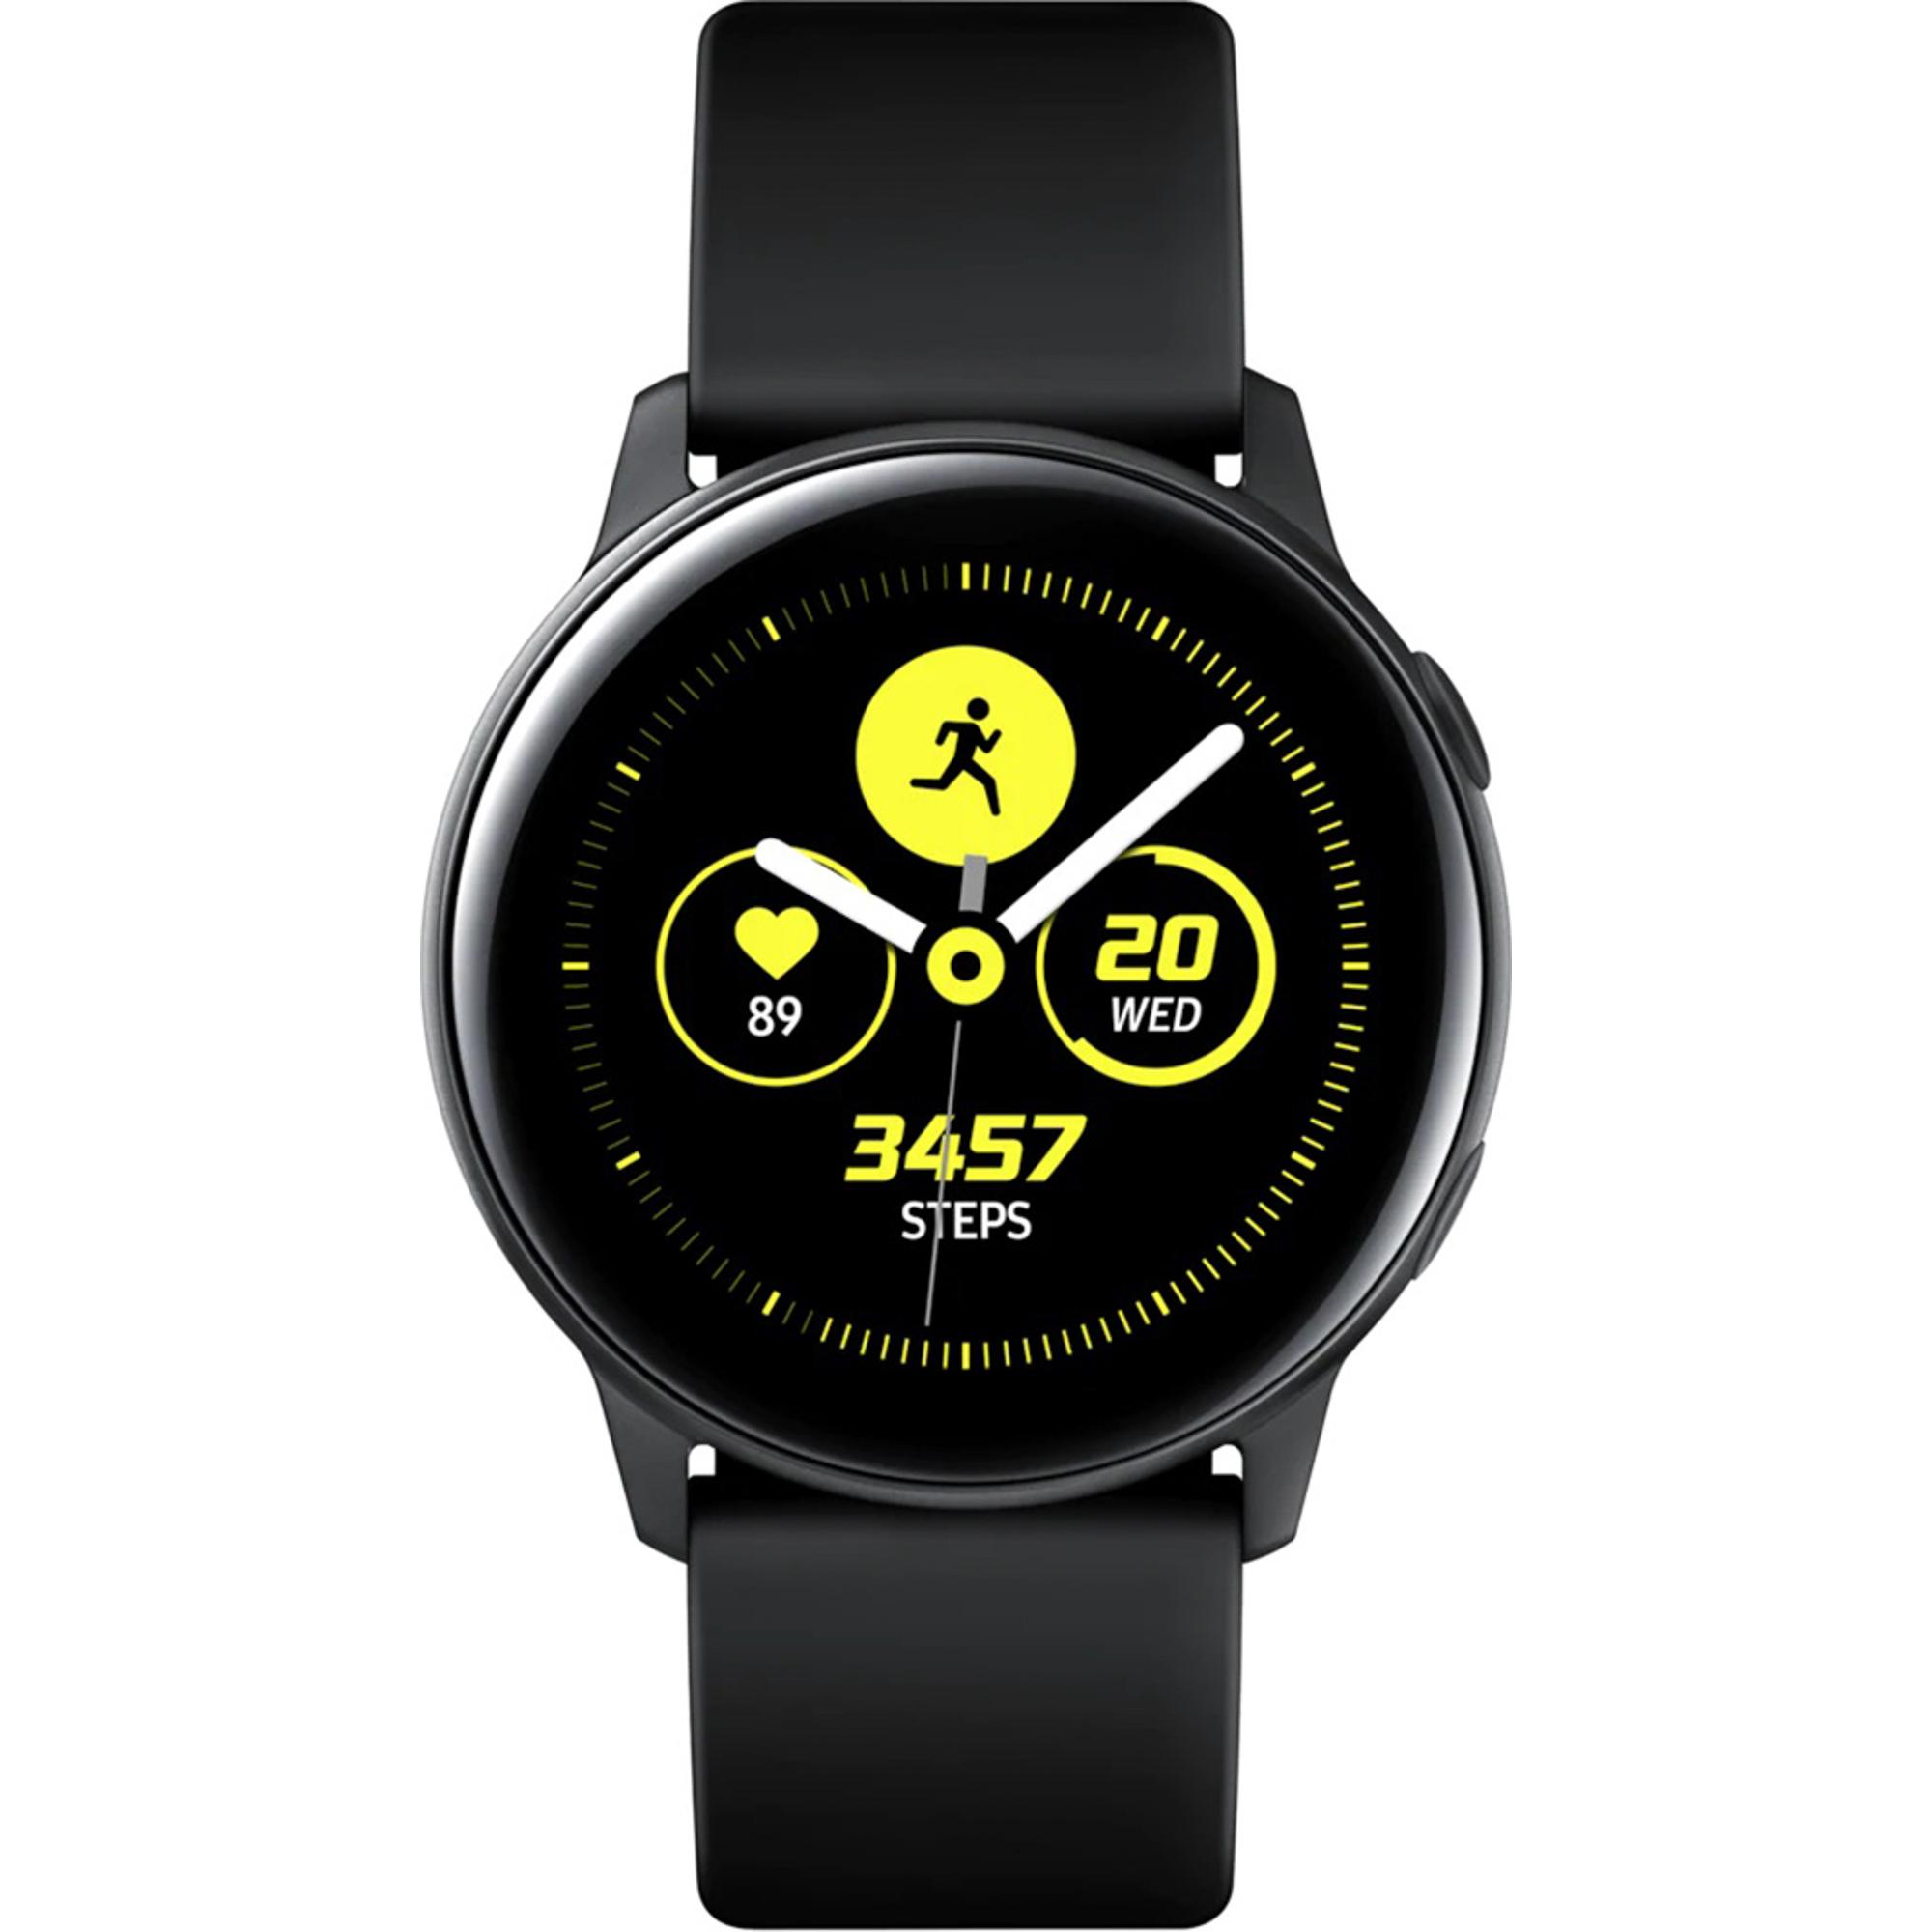 Фото - Умные часы Samsung Galaxy Watch Active Черный сатин смарт часы samsung galaxy watch 1 3 super amoled серебристый sm r800nzsaser